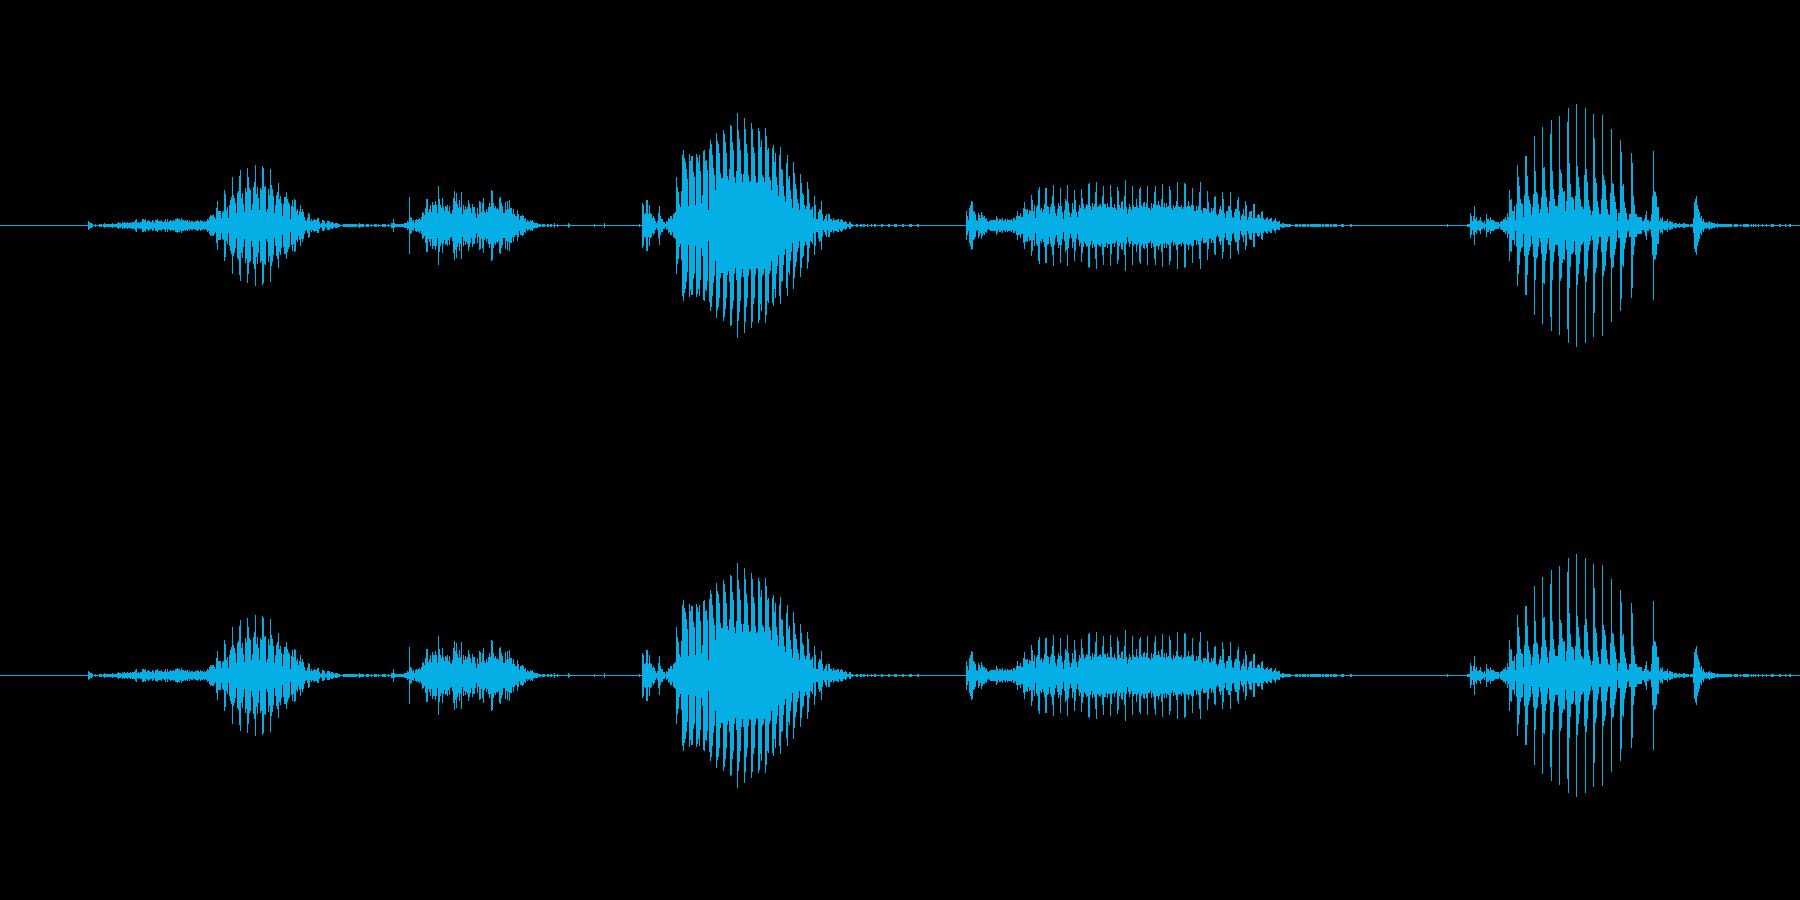 【日数・経過】2日経過の再生済みの波形